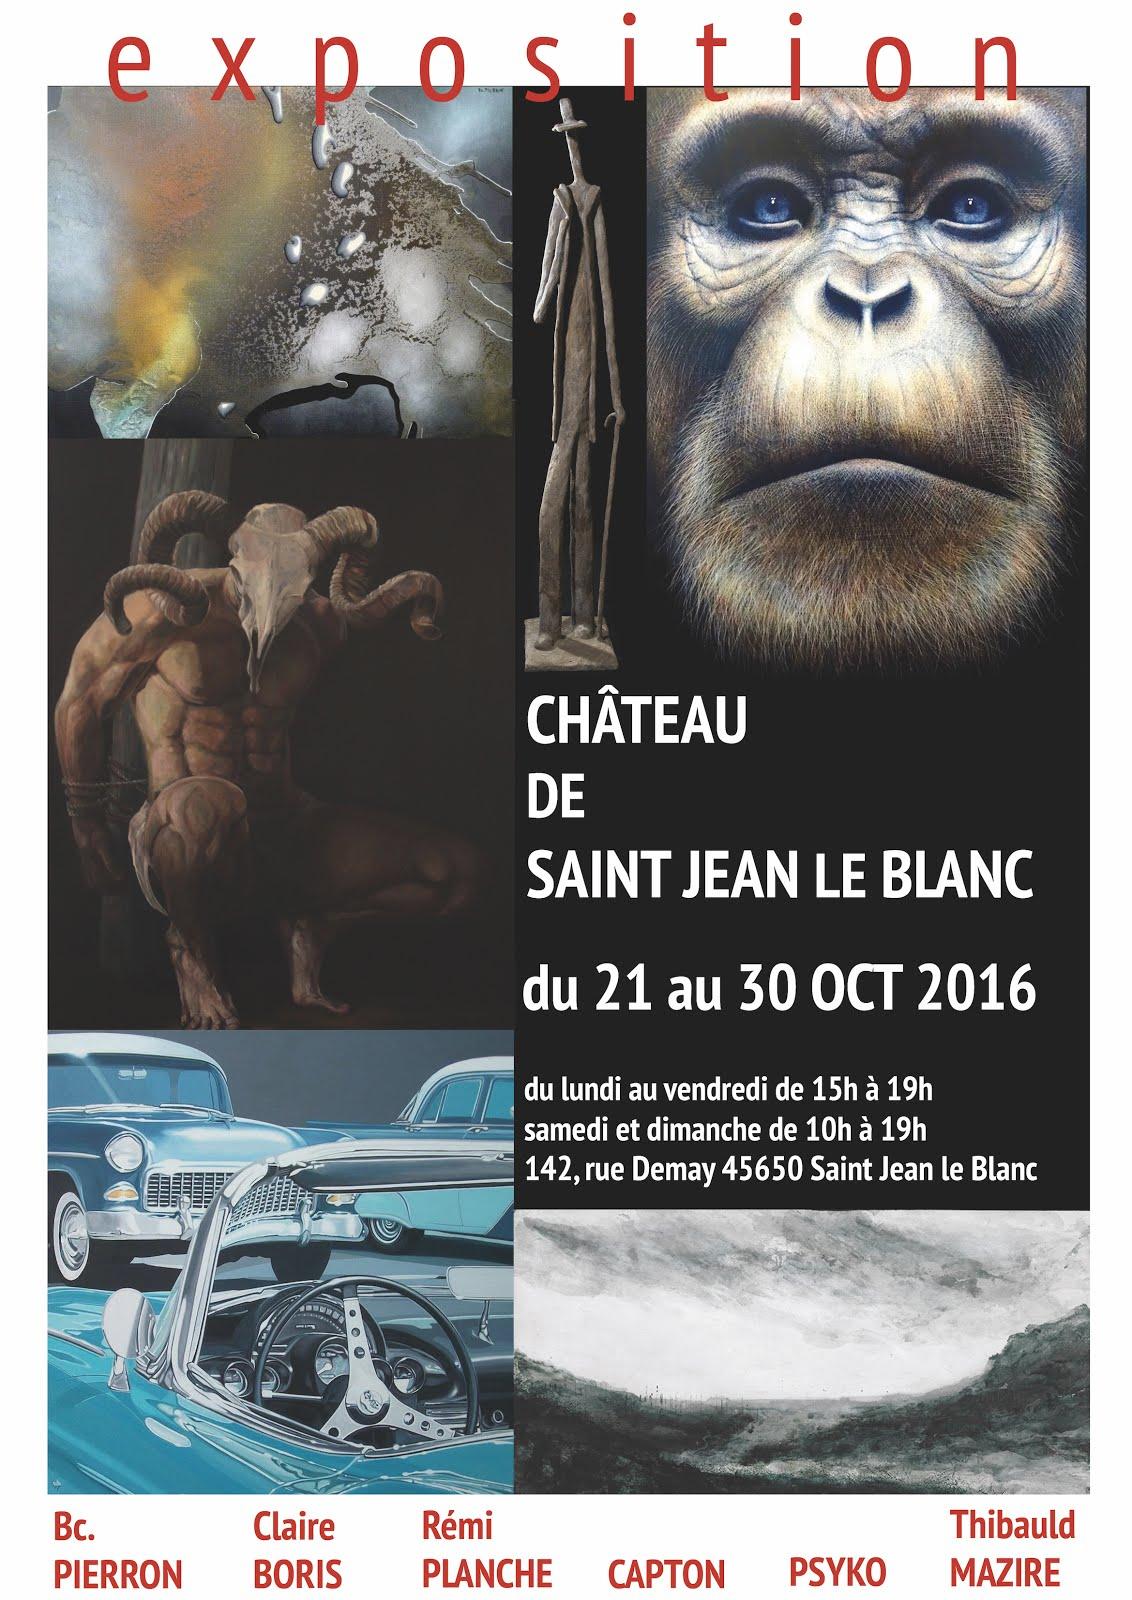 SAINT JEAN LE BLANC (LOIRET) : CAPTON, PSYKO, MAZIRE, BORIS, PIERRON ET PLANCHE EXPOSENT AU CHÂTEAU